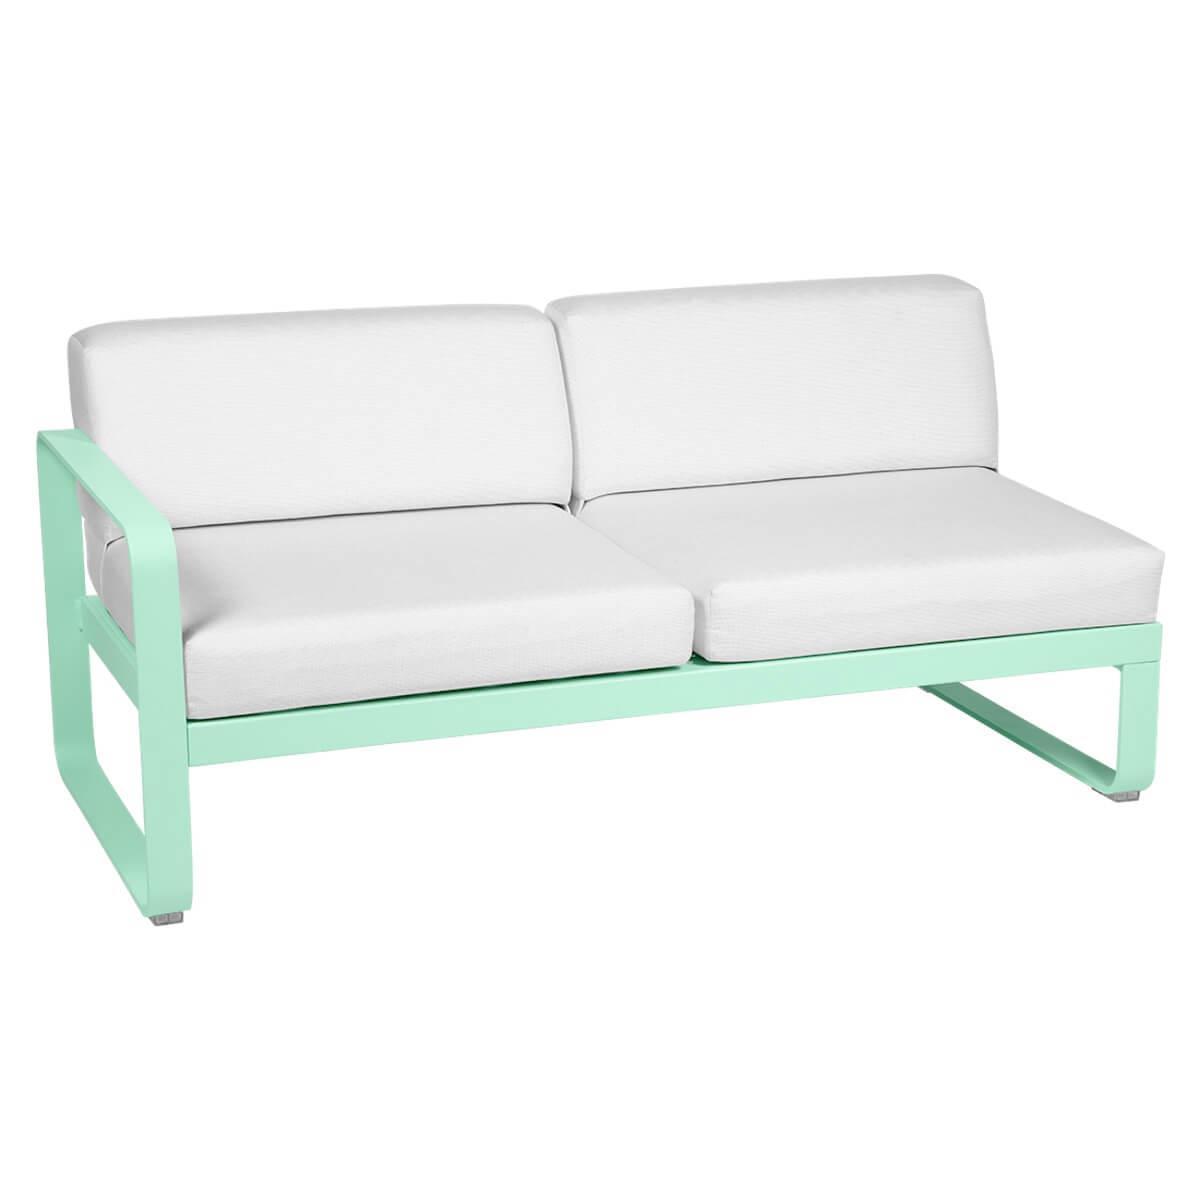 Module gauche 2 places BELLEVIE Fermob vert opaline-Blanc grisé